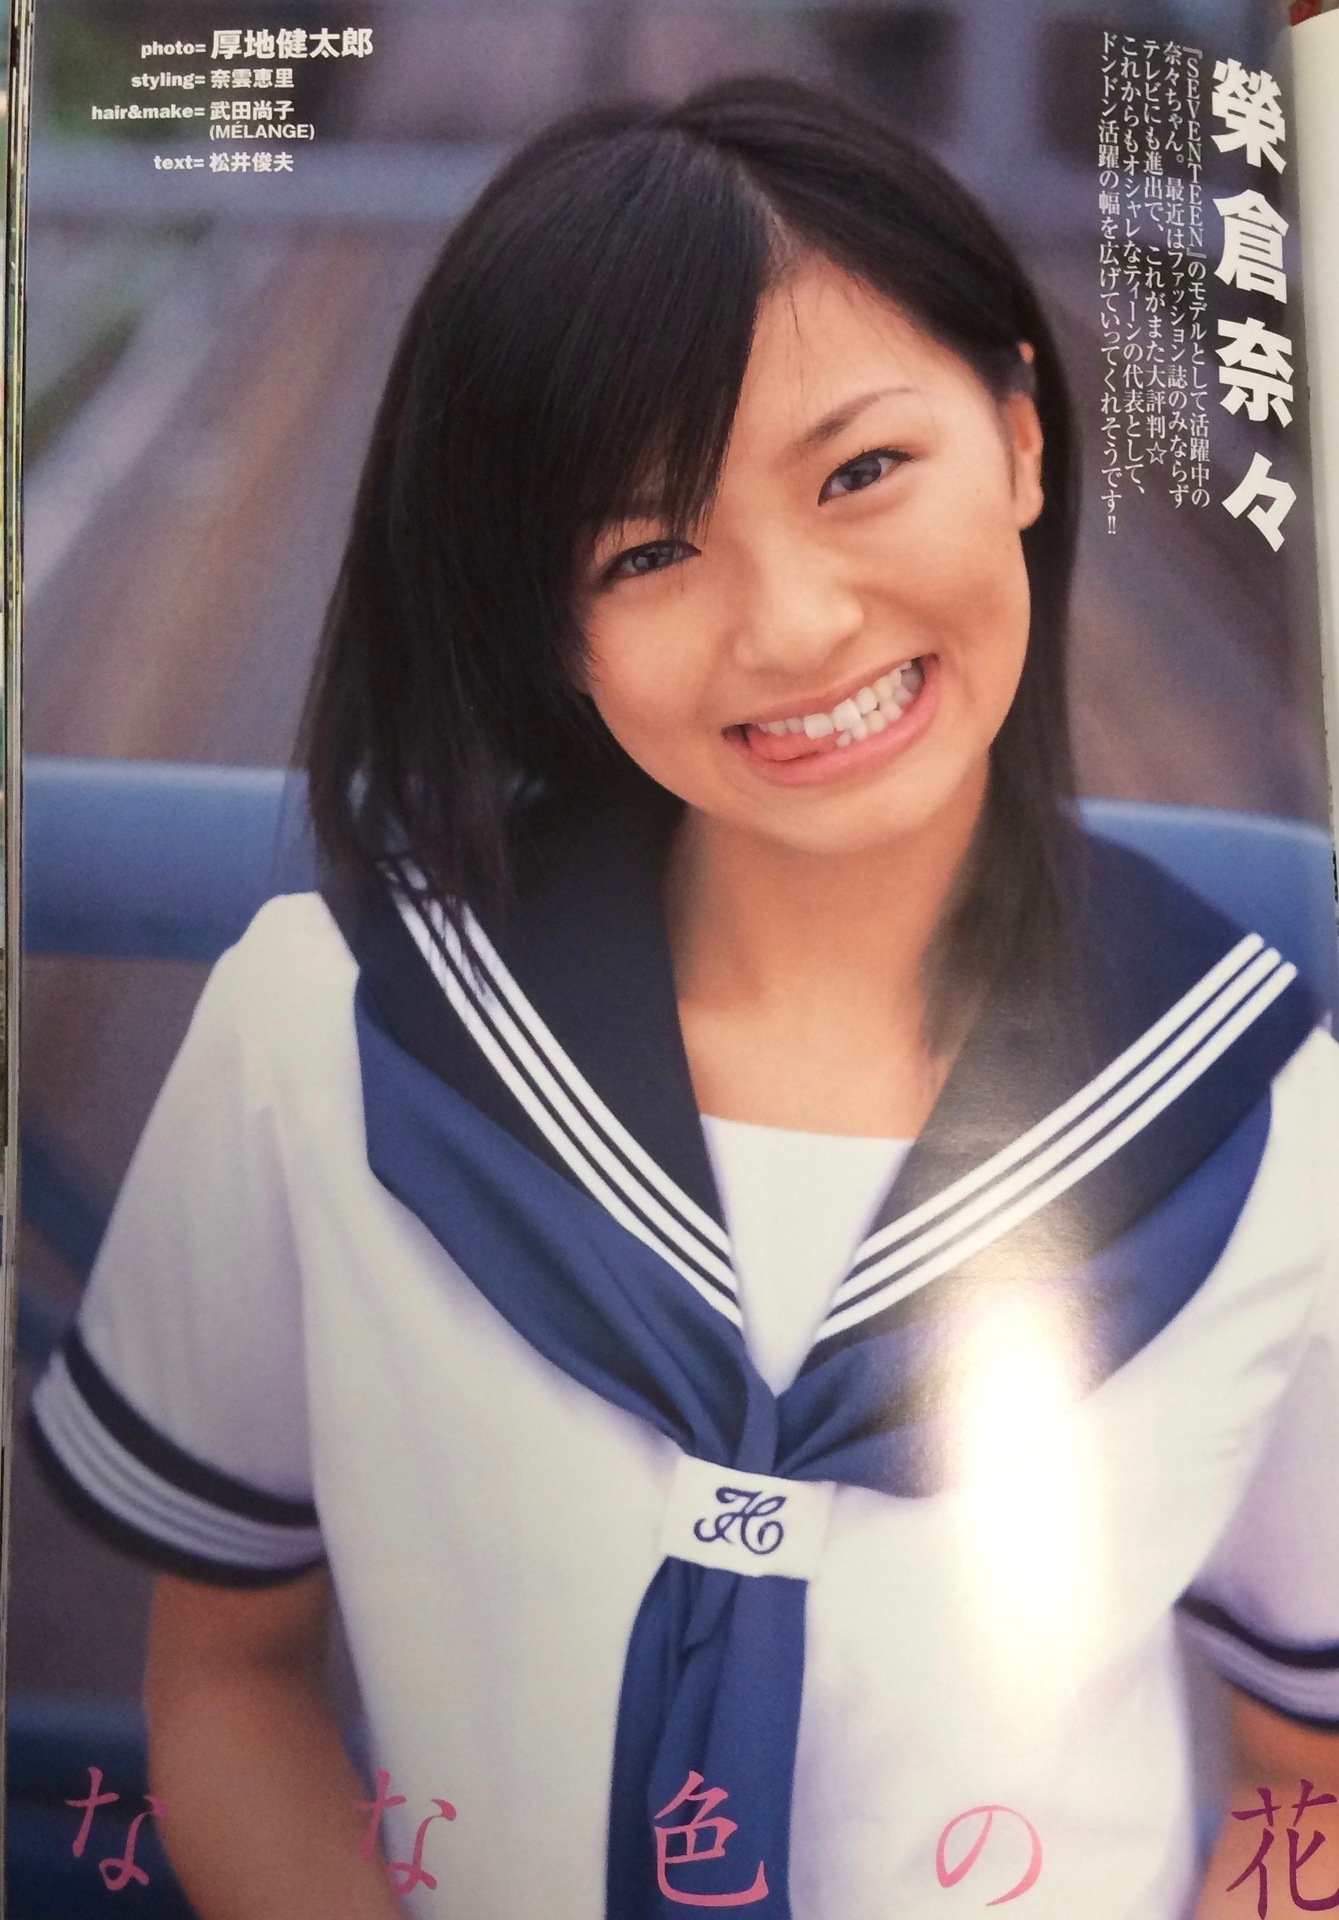 u15 japan idol nude